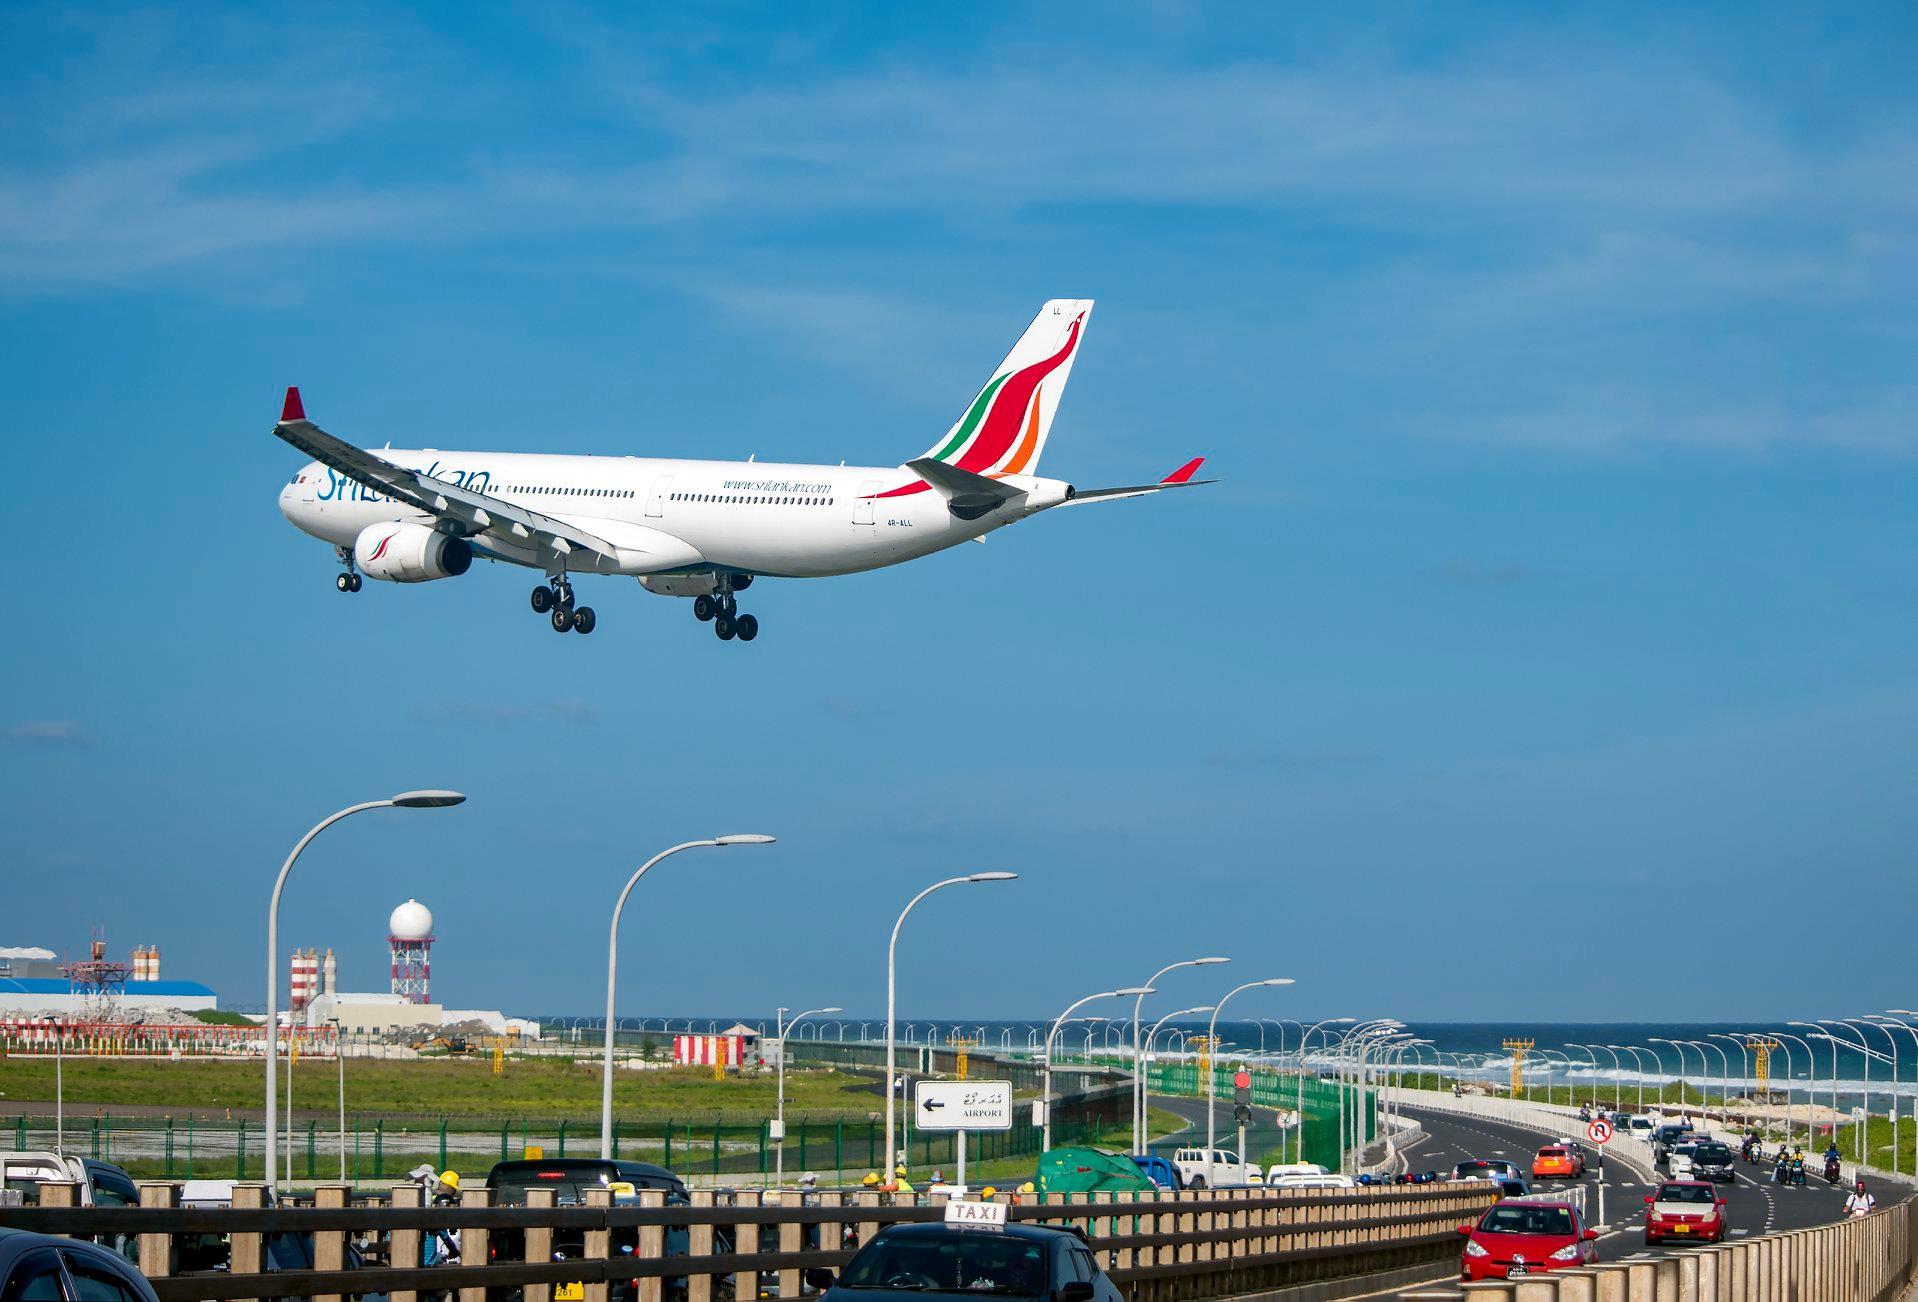 SriLankan exploite des A330 sur son réseau long-courrier © SriLankan Facebook